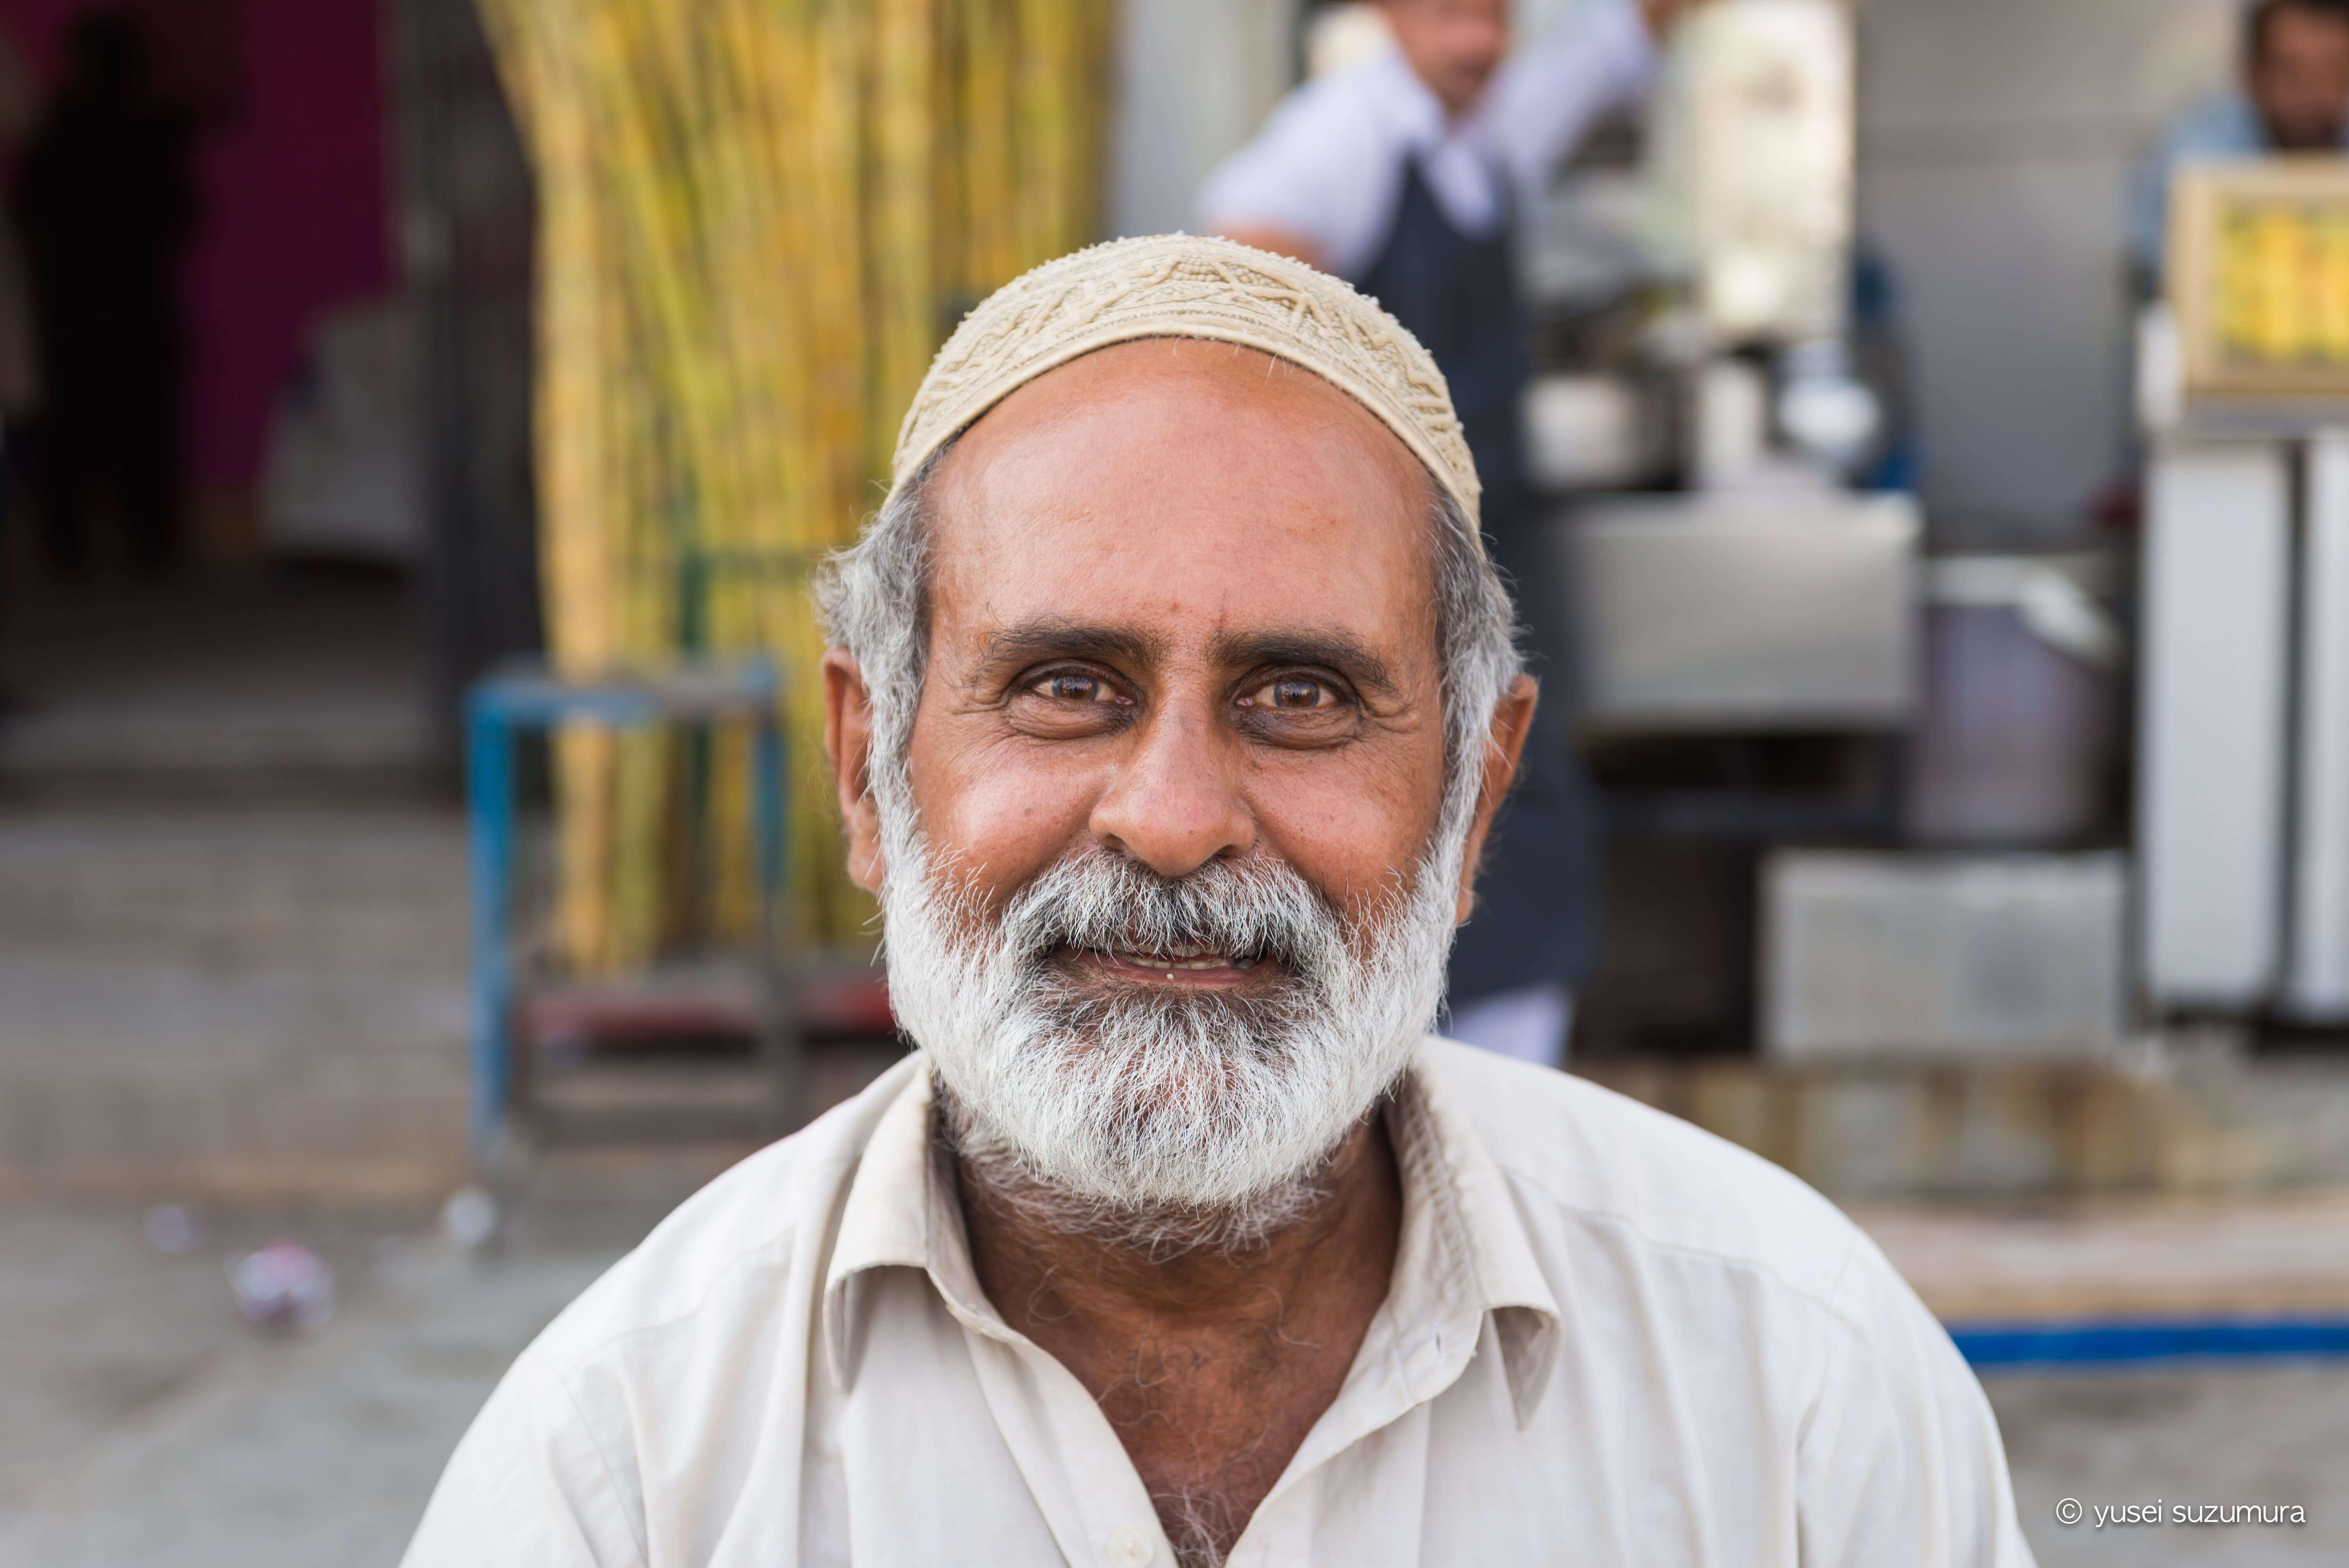 ついにイスラマバードへ。とても親切なインドって感じです。